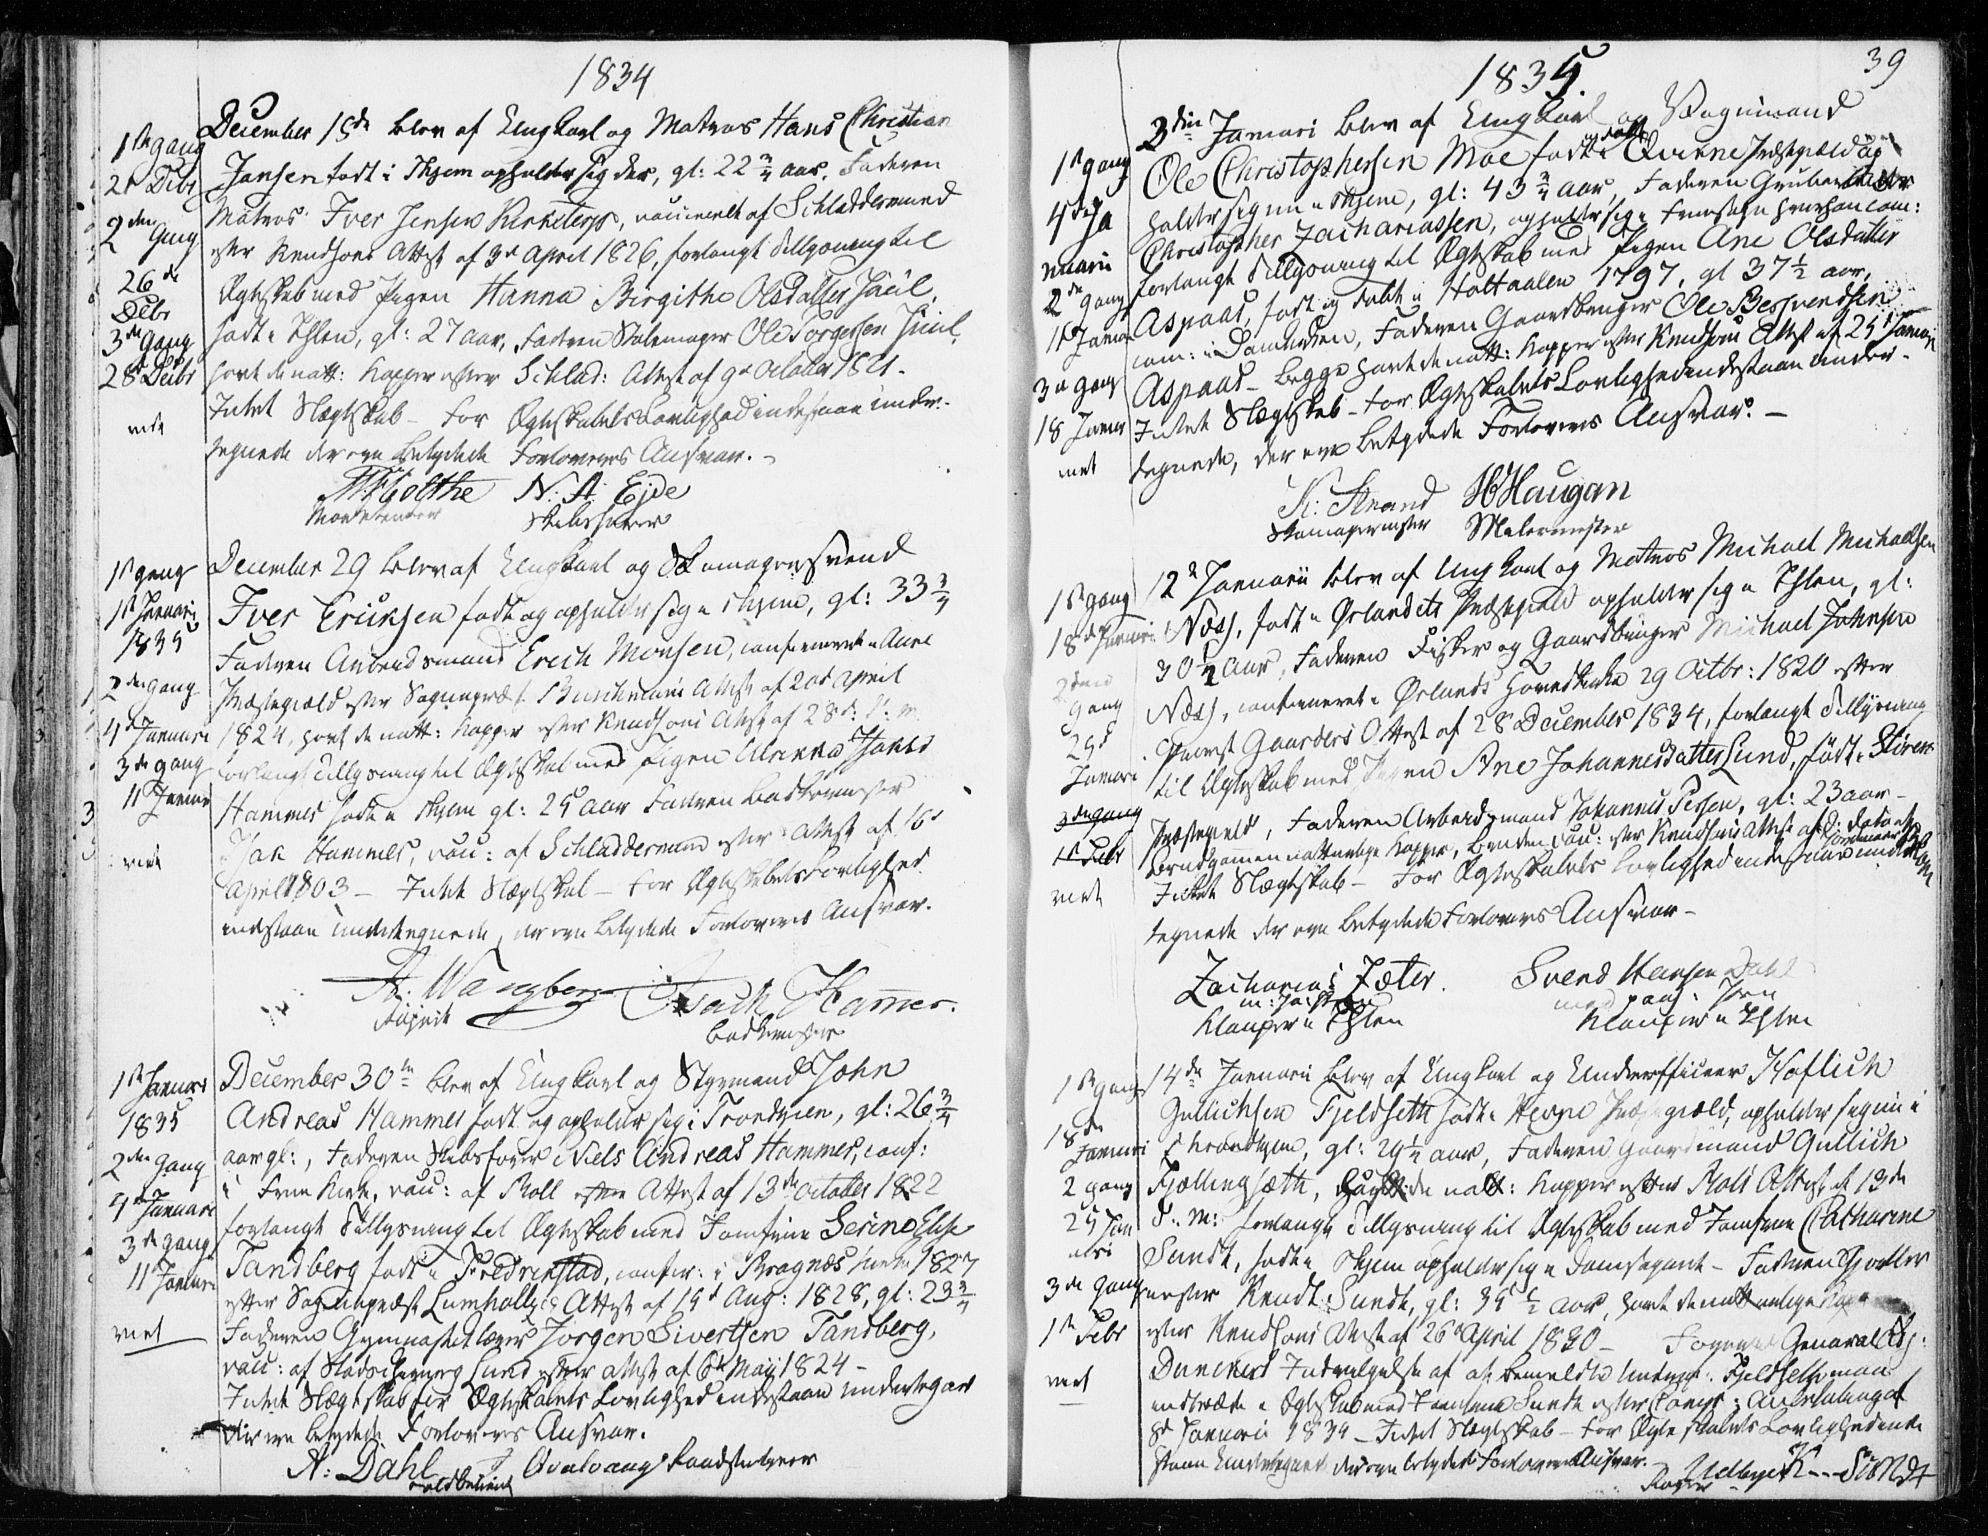 SAT, Ministerialprotokoller, klokkerbøker og fødselsregistre - Sør-Trøndelag, 601/L0046: Ministerialbok nr. 601A14, 1830-1841, s. 39